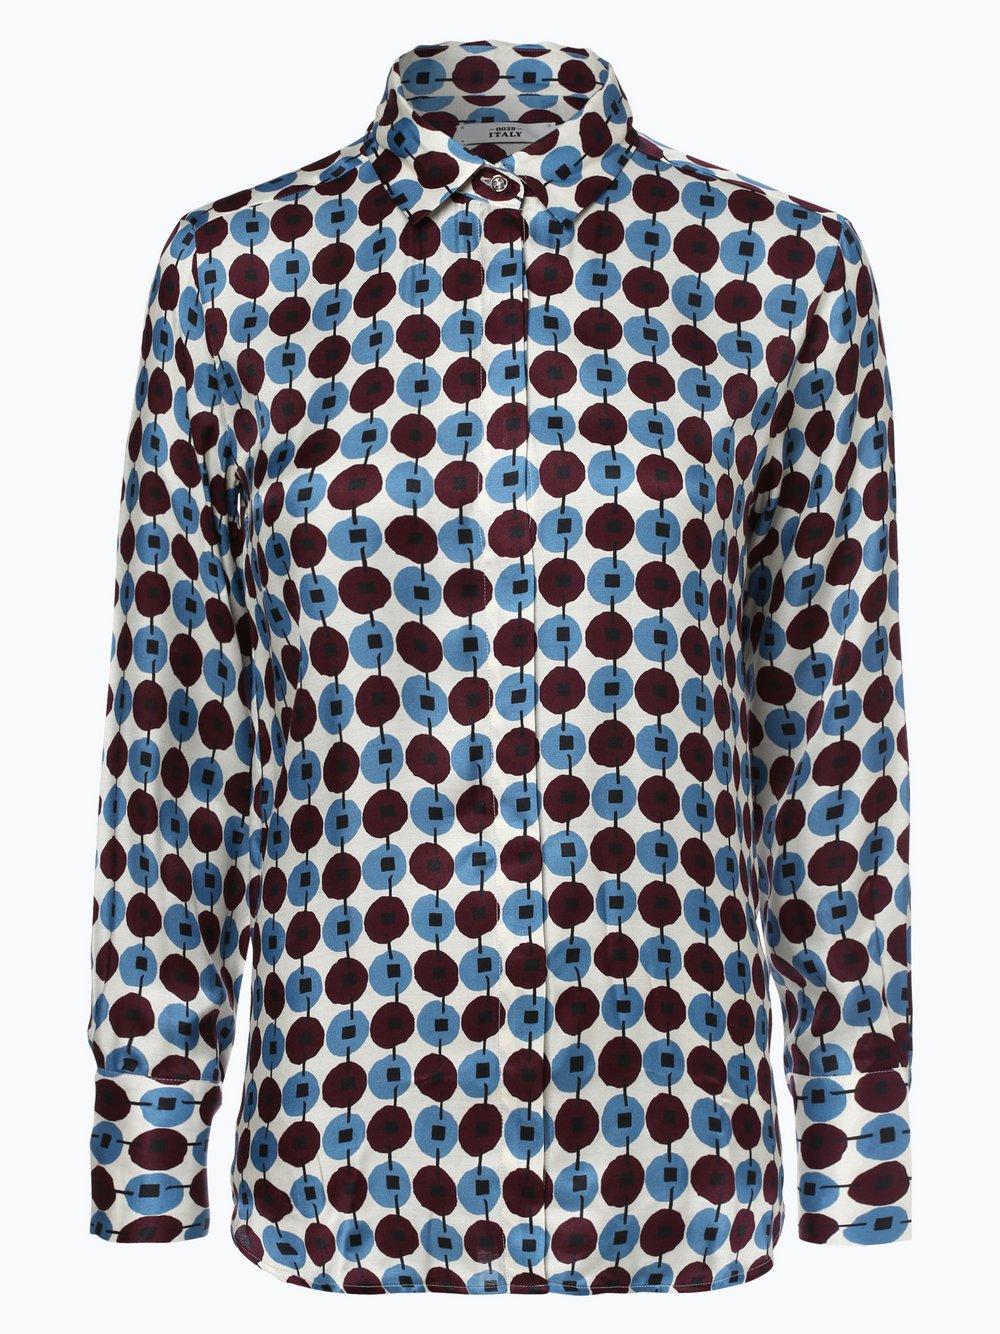 Obraz przedstawiający 0039 Italy - Bluzka damska z dodatkiem jedwabiu, czerwony